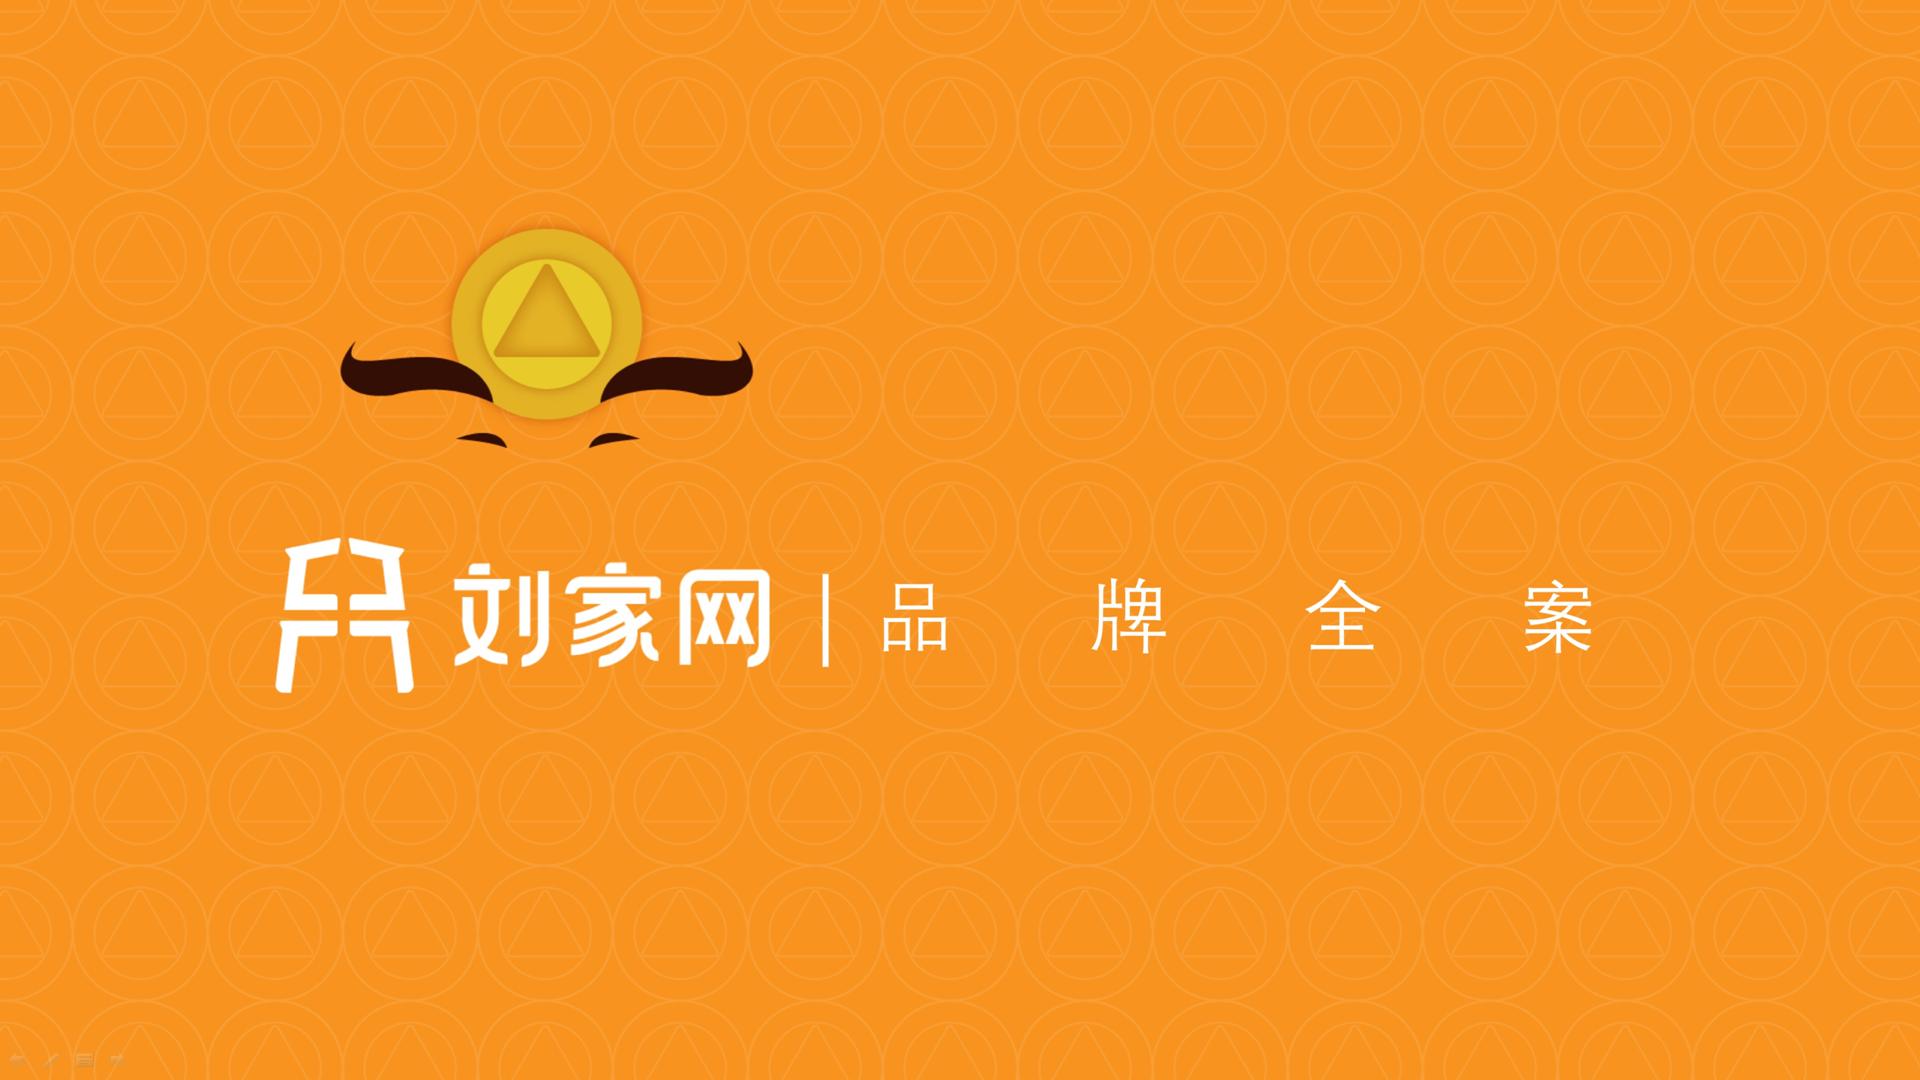 刘家网品牌全案建设